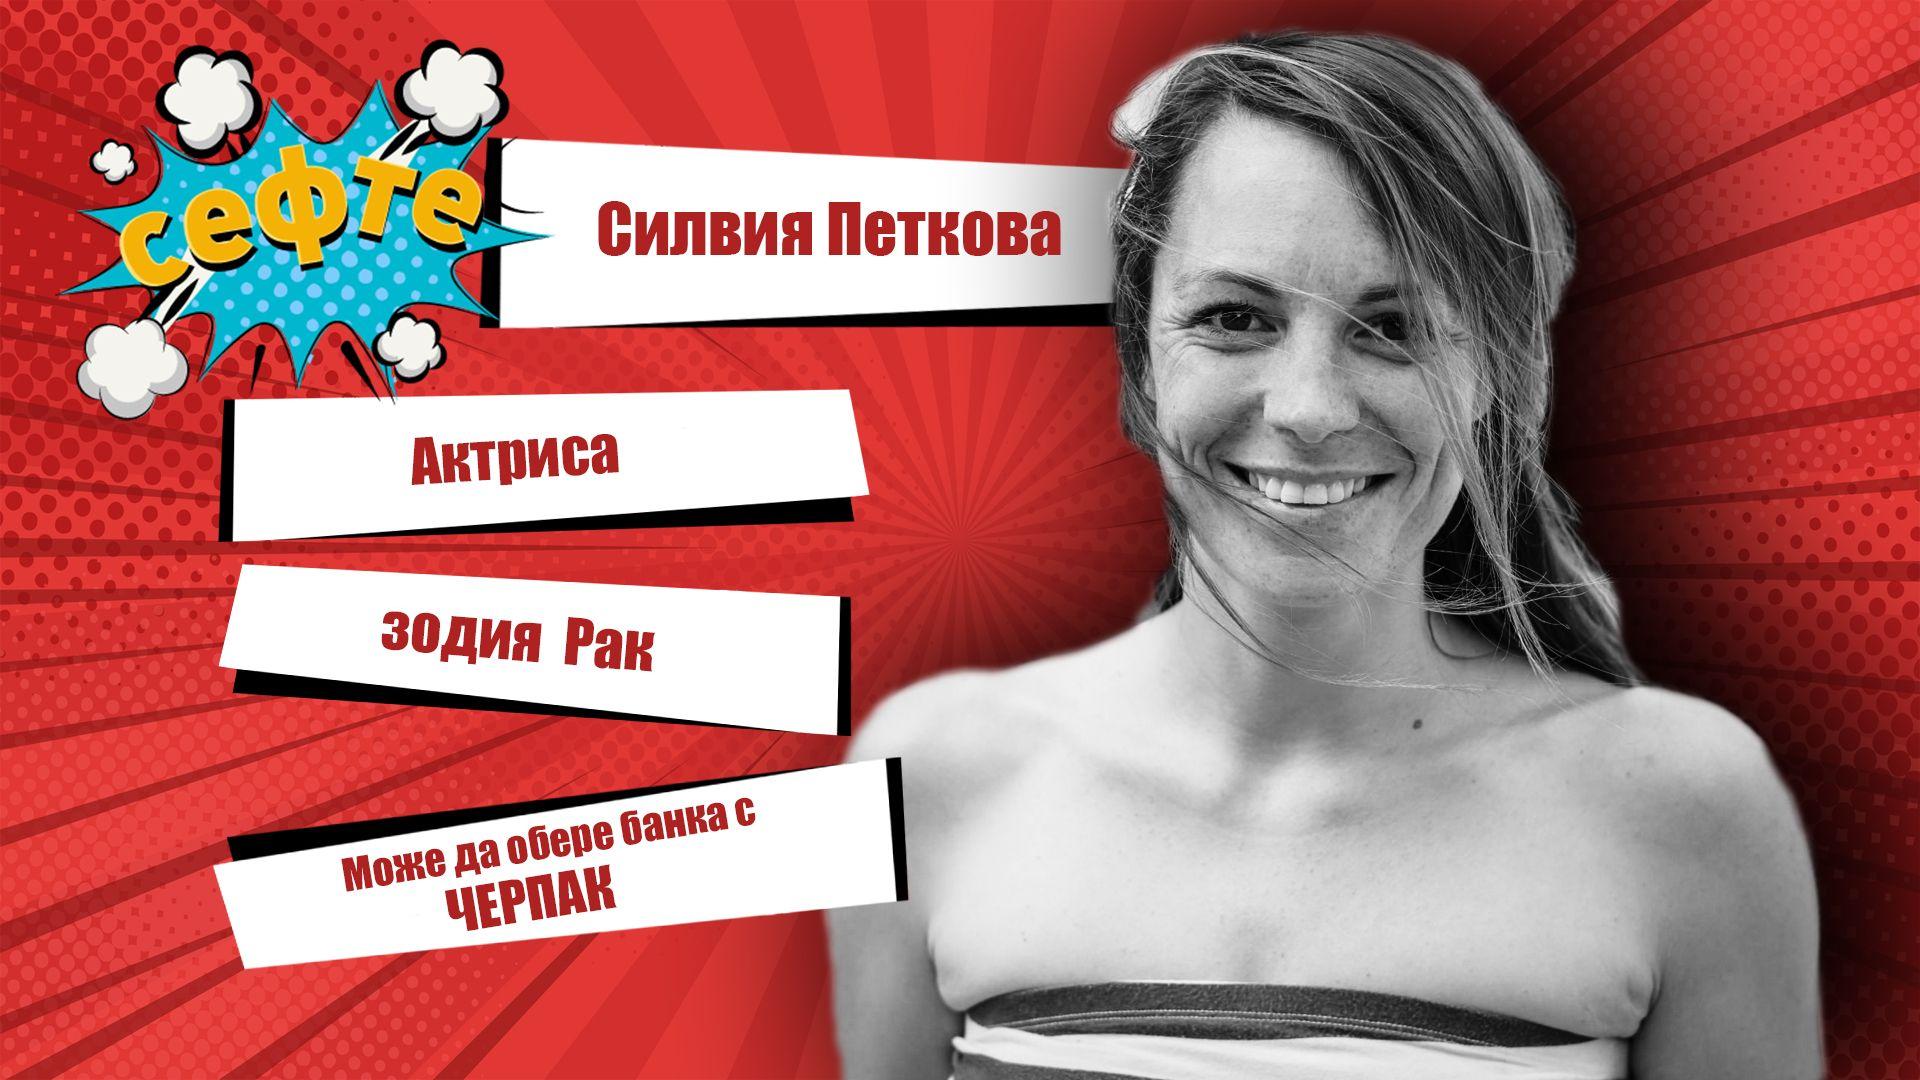 #Сефте: С първата си заплата Силвия Петкова си е взела лоши неща